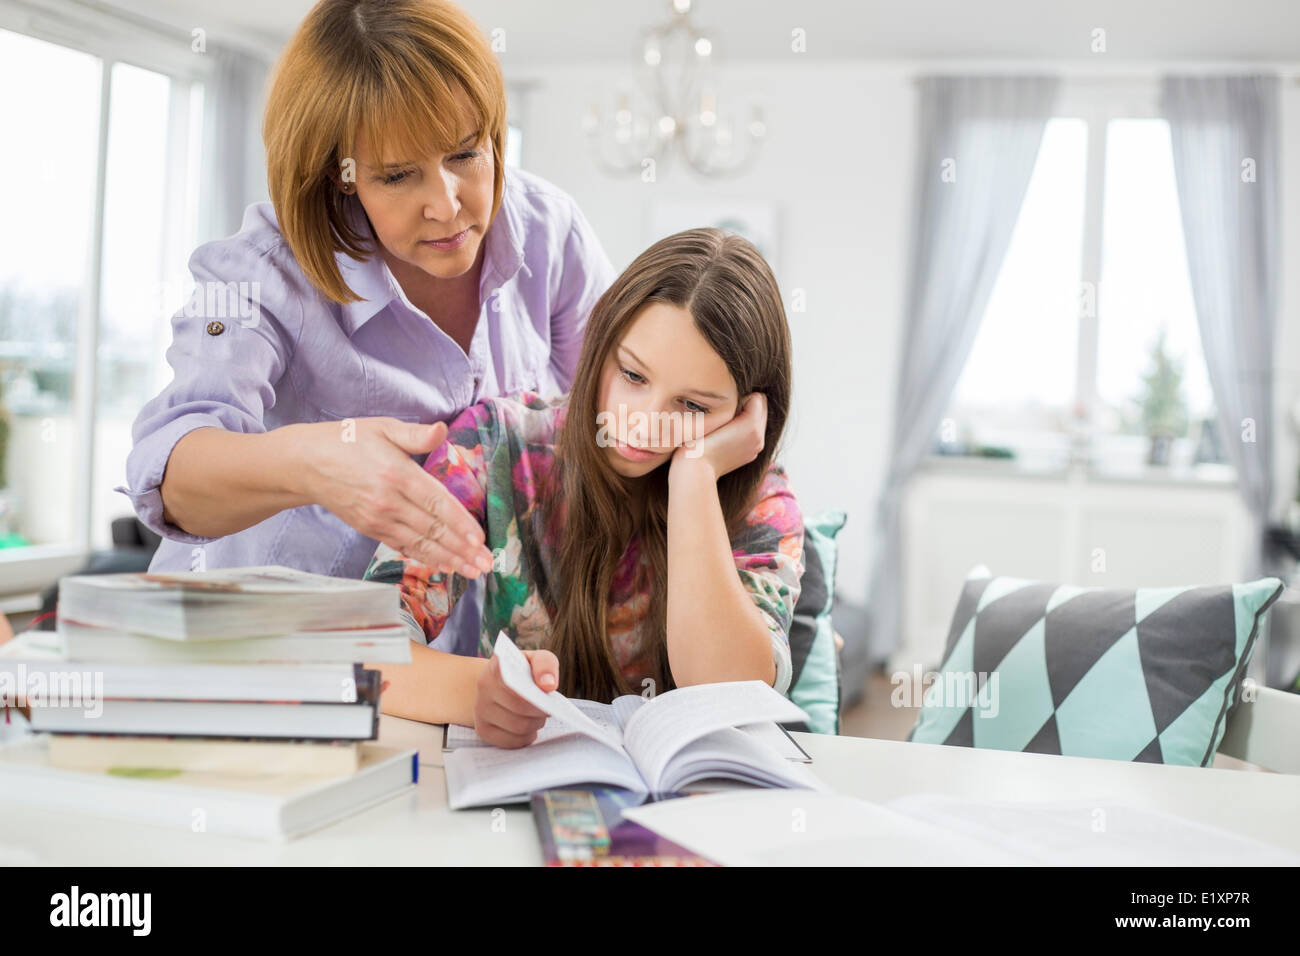 Studium zu Hause gelangweilt Mädchen bei Mutter Stockfoto, Bild ...